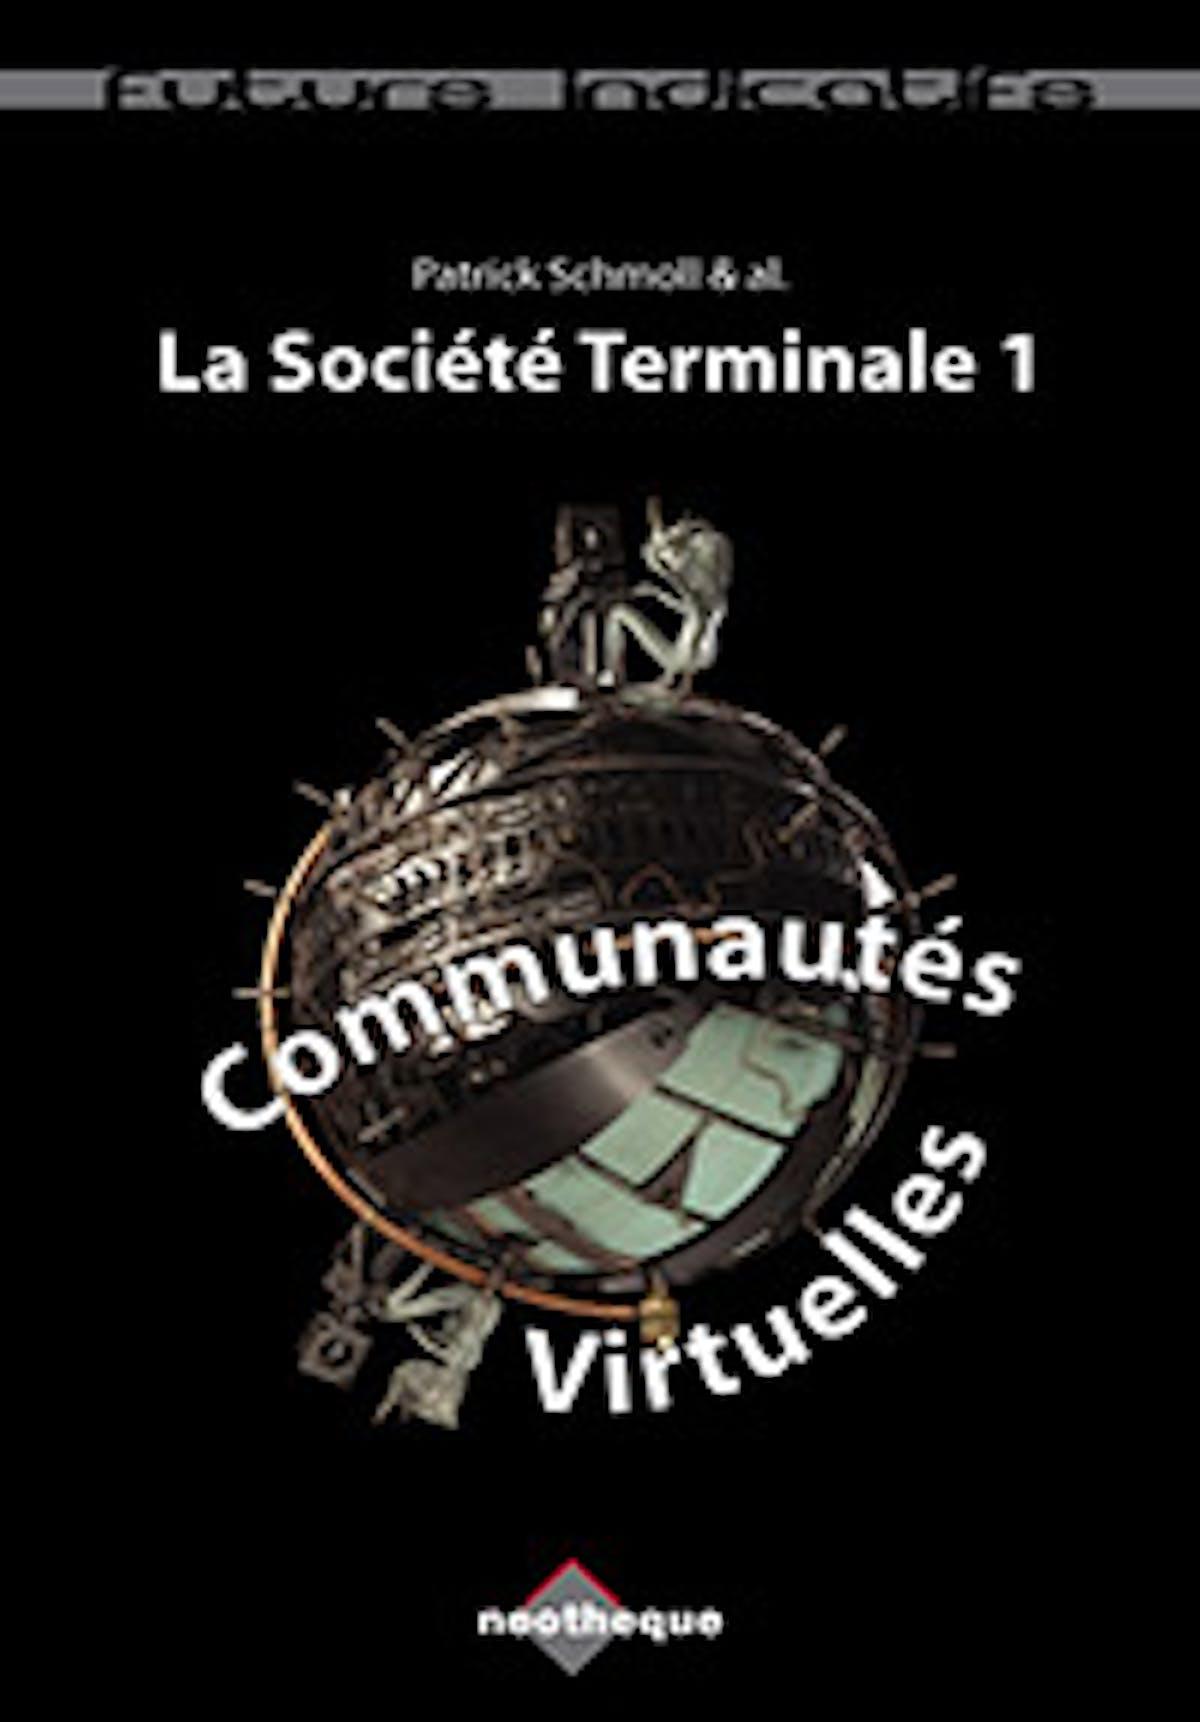 LES CRÉATEURS D'IMAGES DE SYNTHÈSEe - Michel Nachez